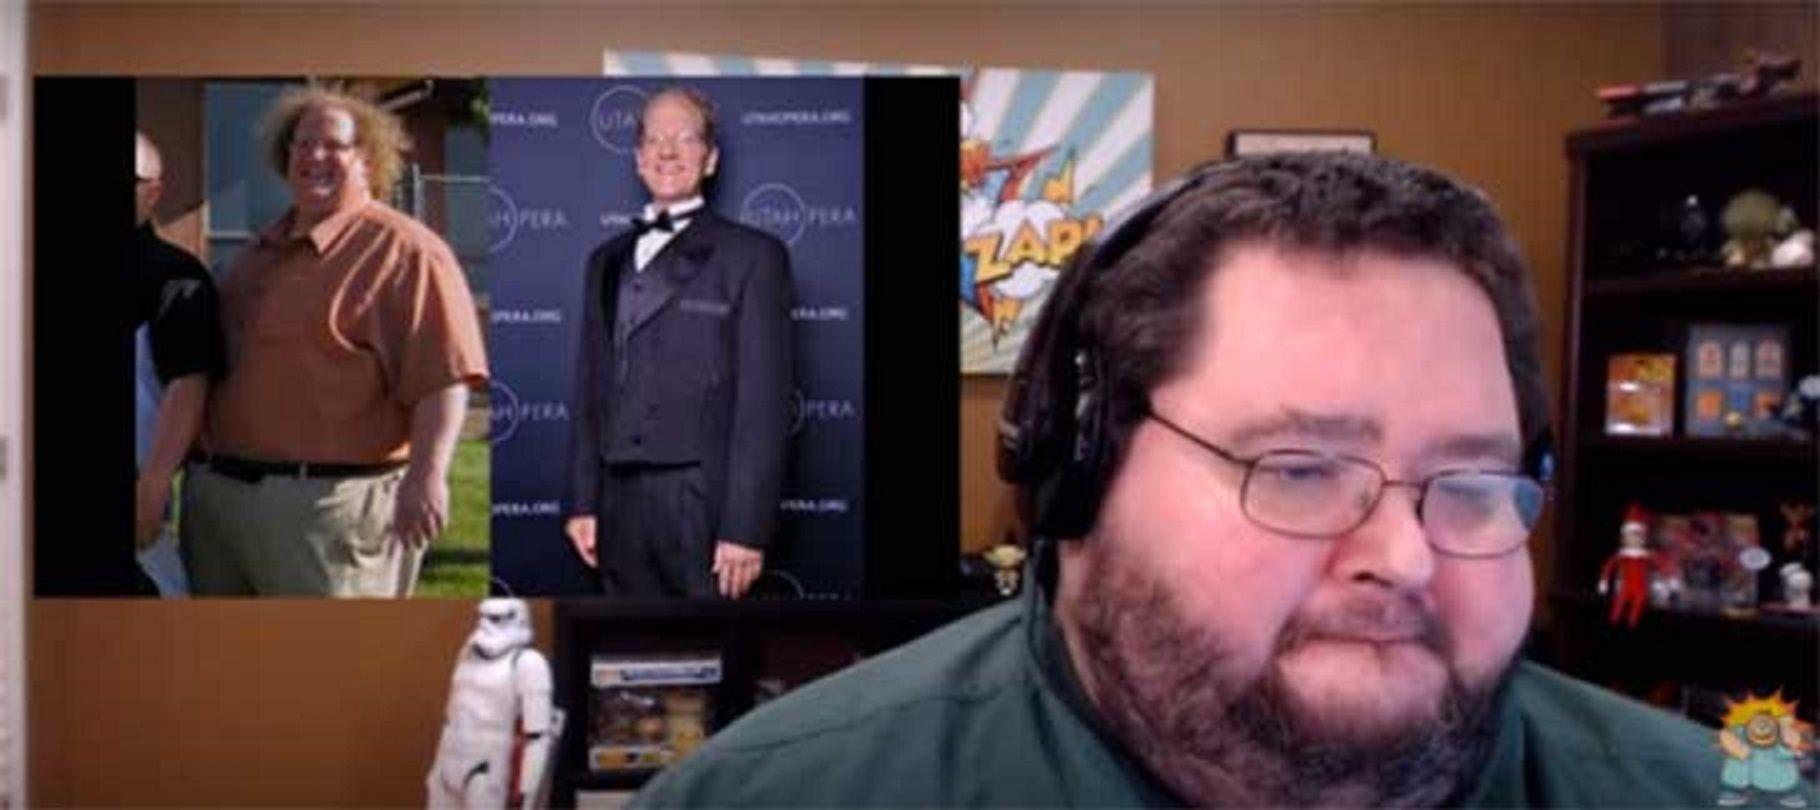 Así reacciona este hombre obeso al ver cómo otro hombre obeso perdió 150 kilos